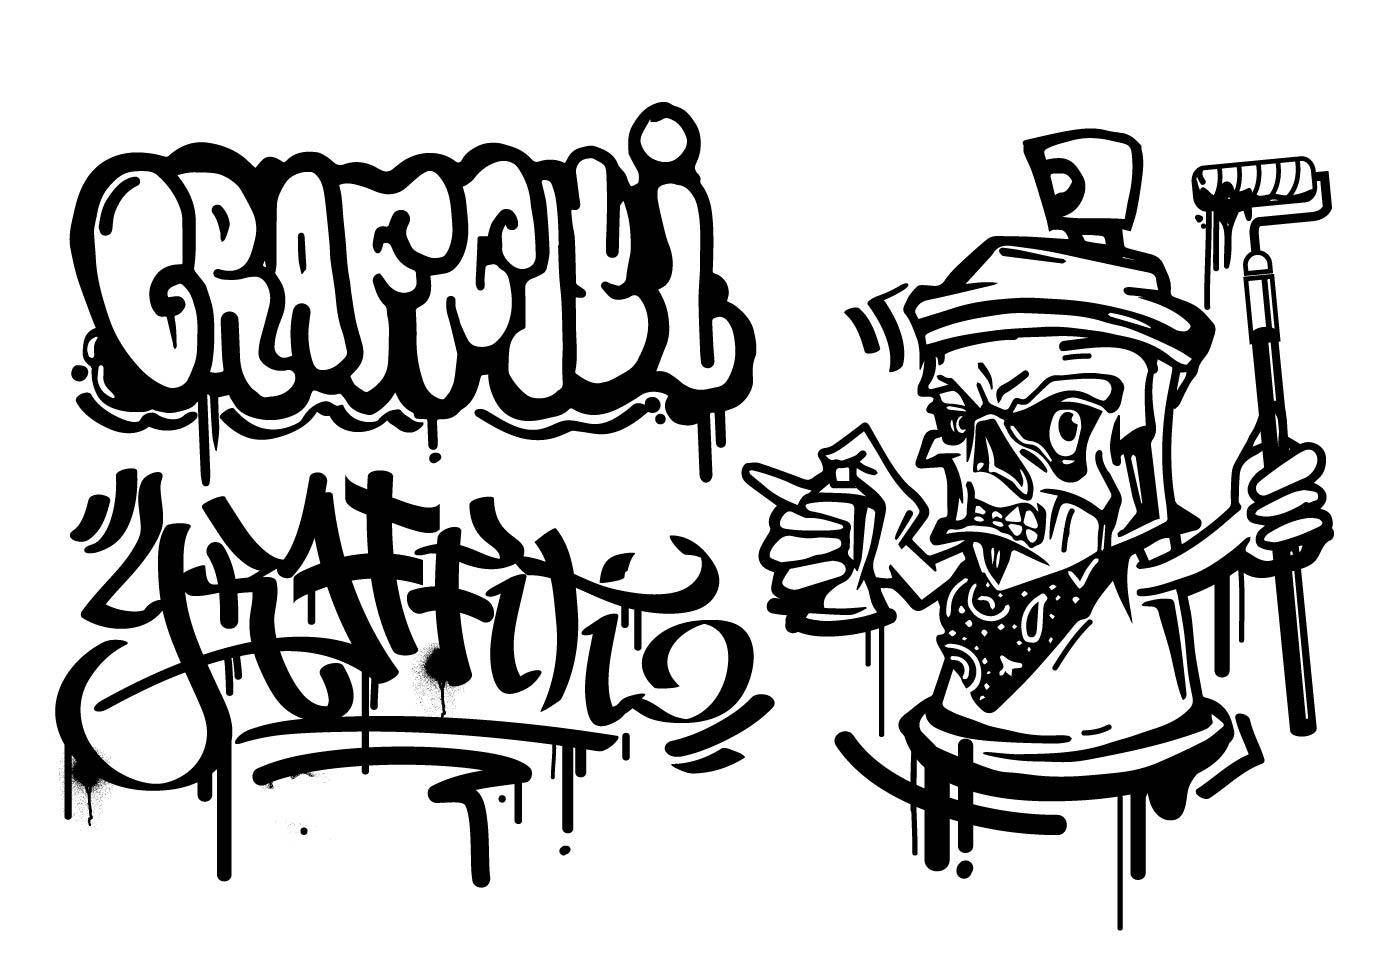 Graffiti Cartoon Character Vector